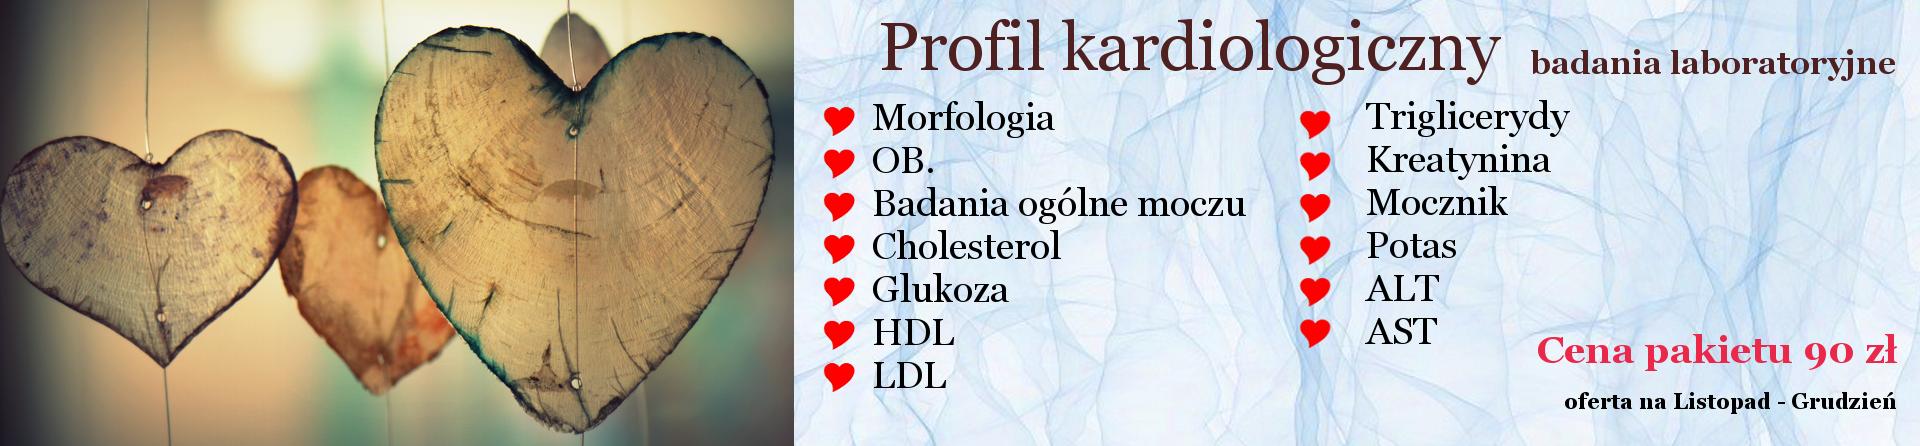 Profil Kardiologiczny